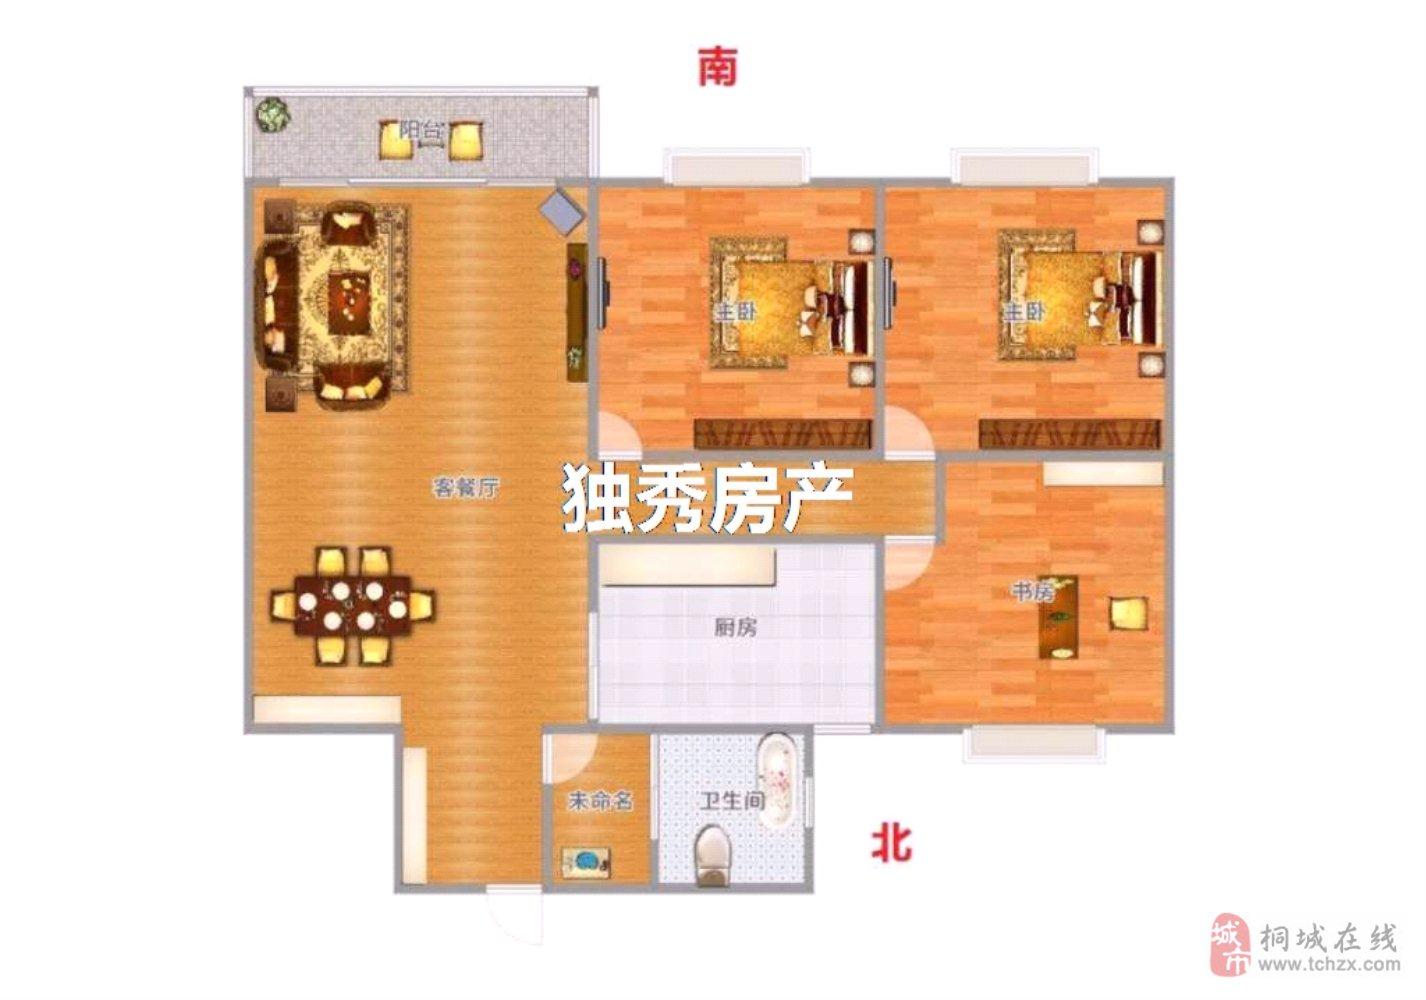 旺水碧岸3室2厅1卫63万元